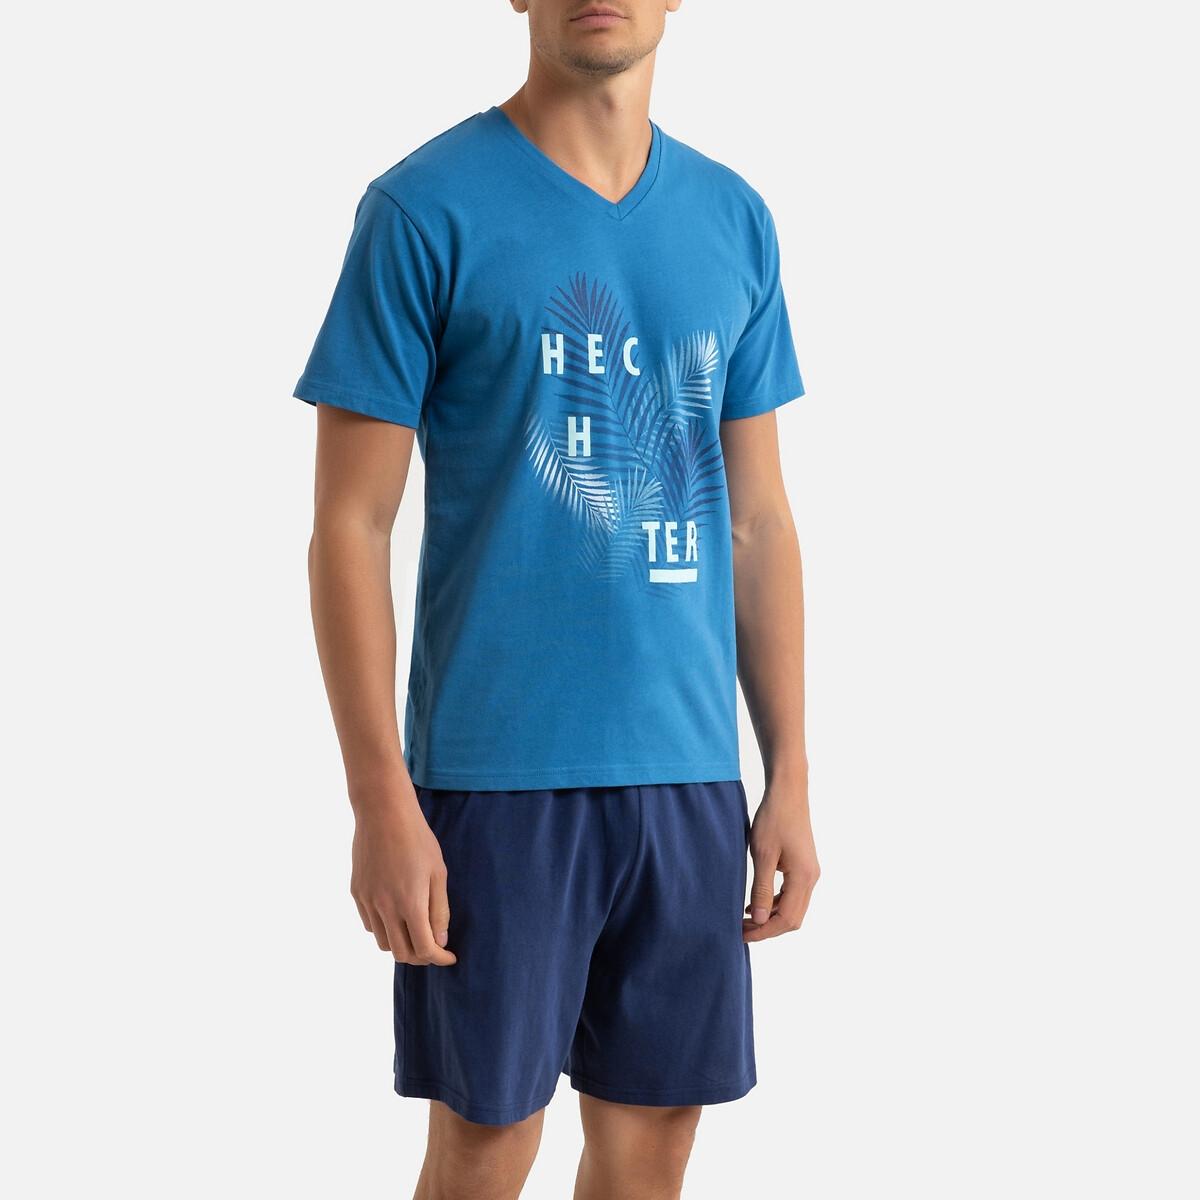 Фото - Пижама LaRedoute С шортами L синий футболка laredoute из льна с v образным вырезом и короткими рукавами s черный